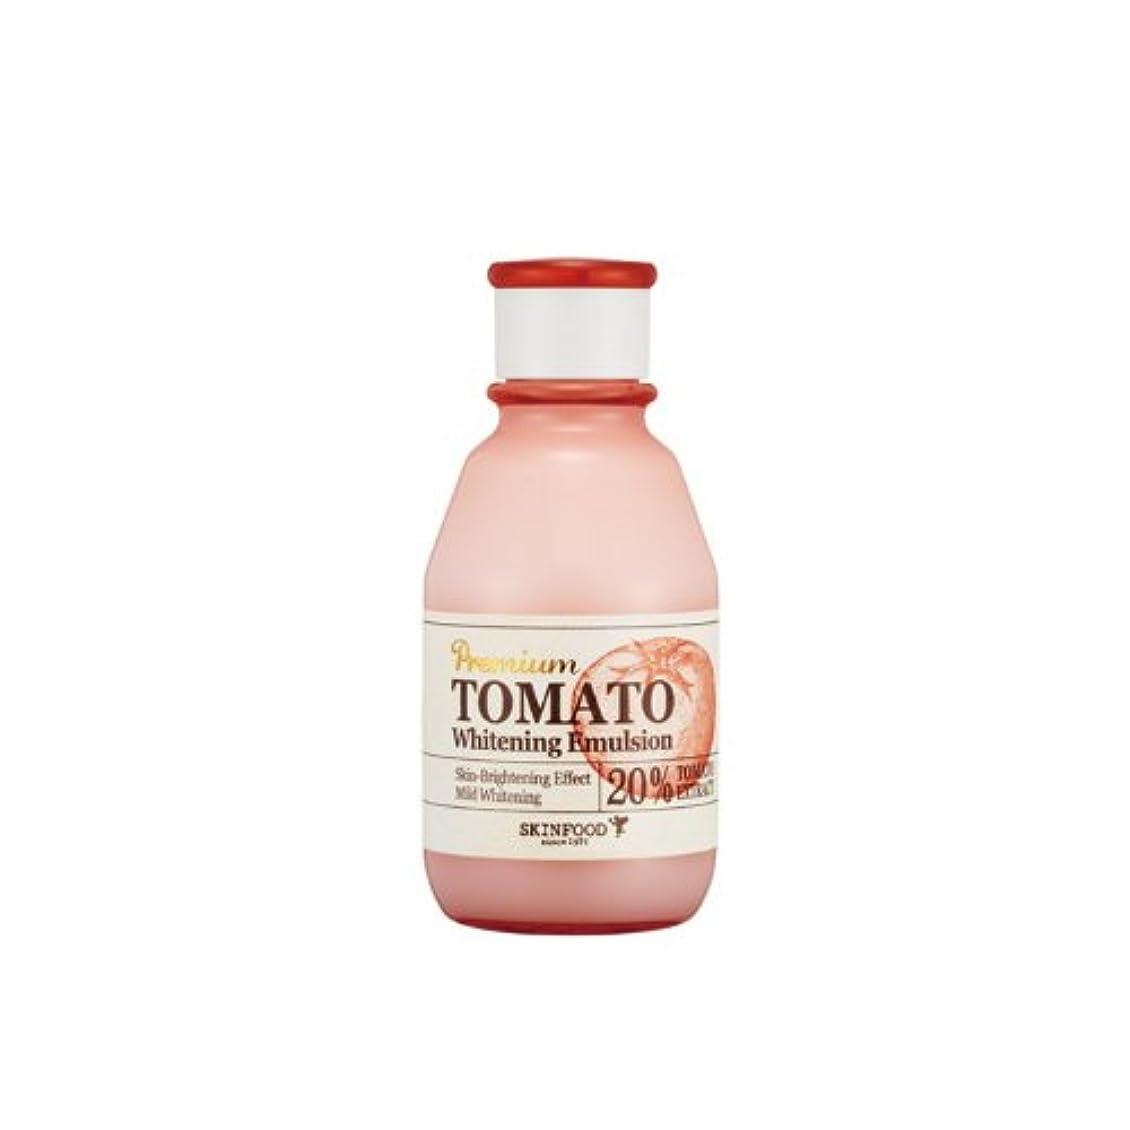 投資人調和スキンフード プレミアム トマト ホワイトニングエマルジョン [海外直送品][並行輸入品]